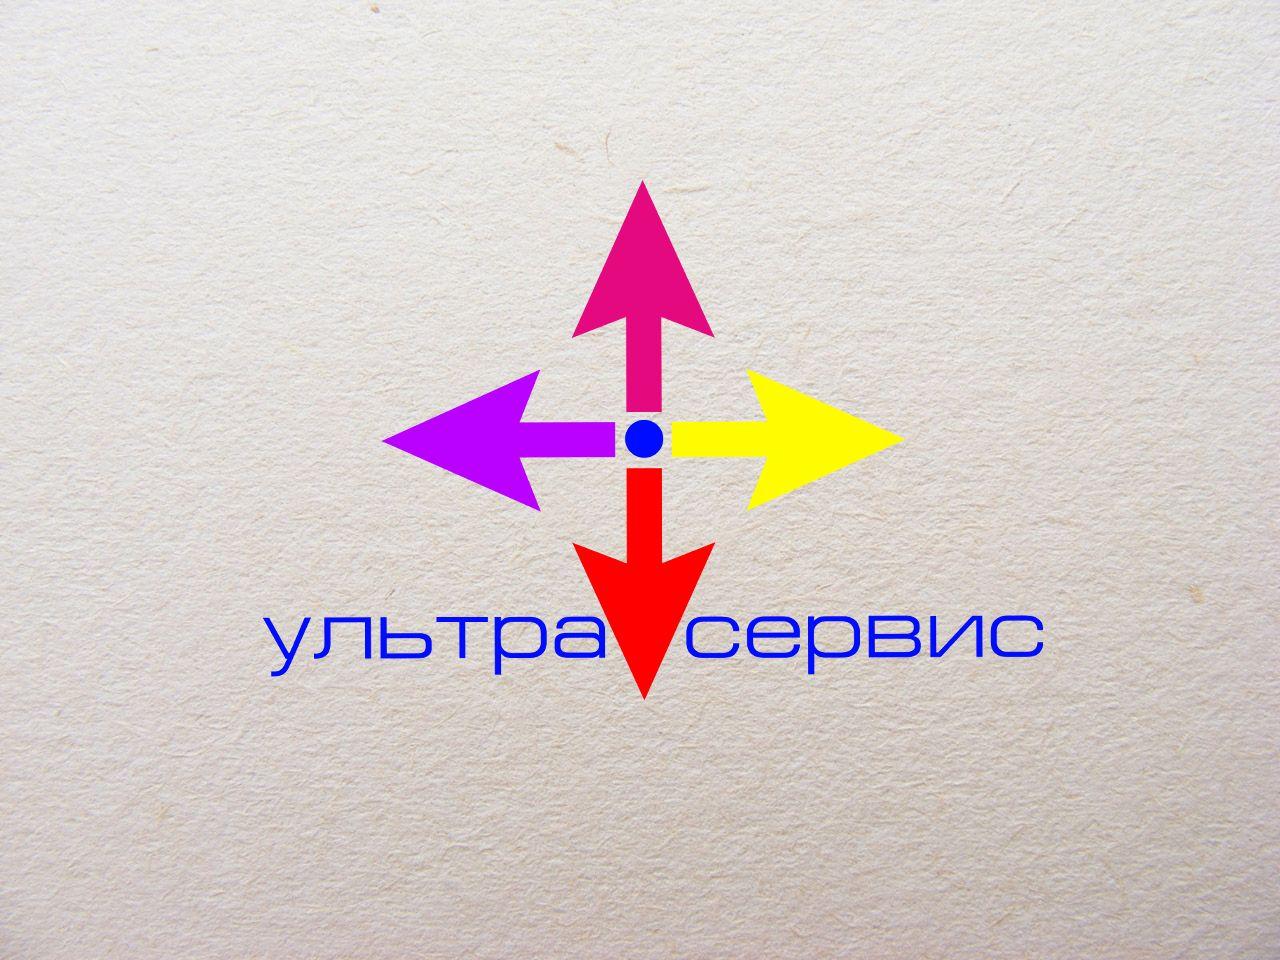 Логотип и фирменный стиль сервисного центра - дизайнер khanman